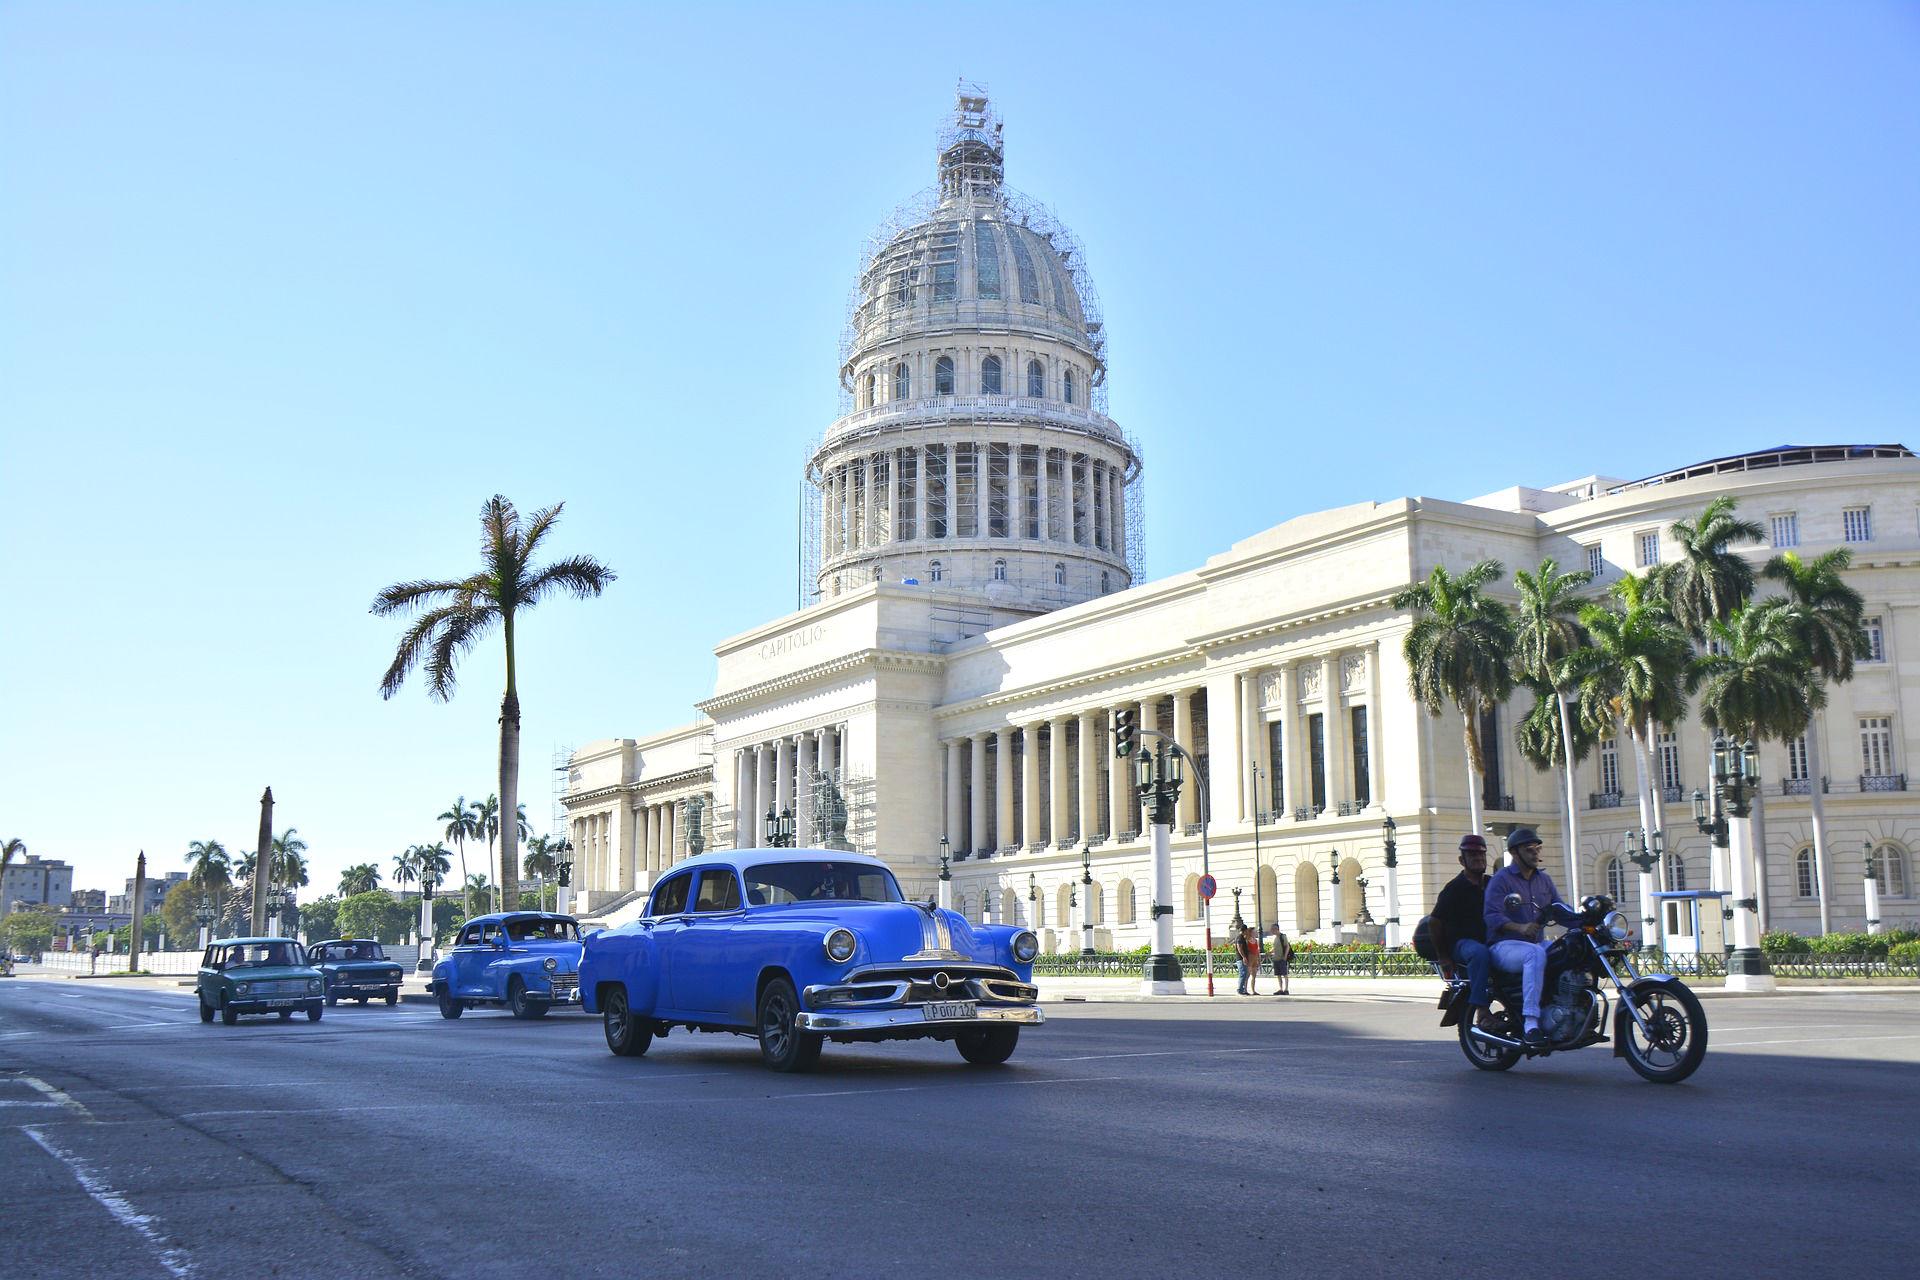 Kuba lockt mit zahlreichen Sehenswürdigkeiten